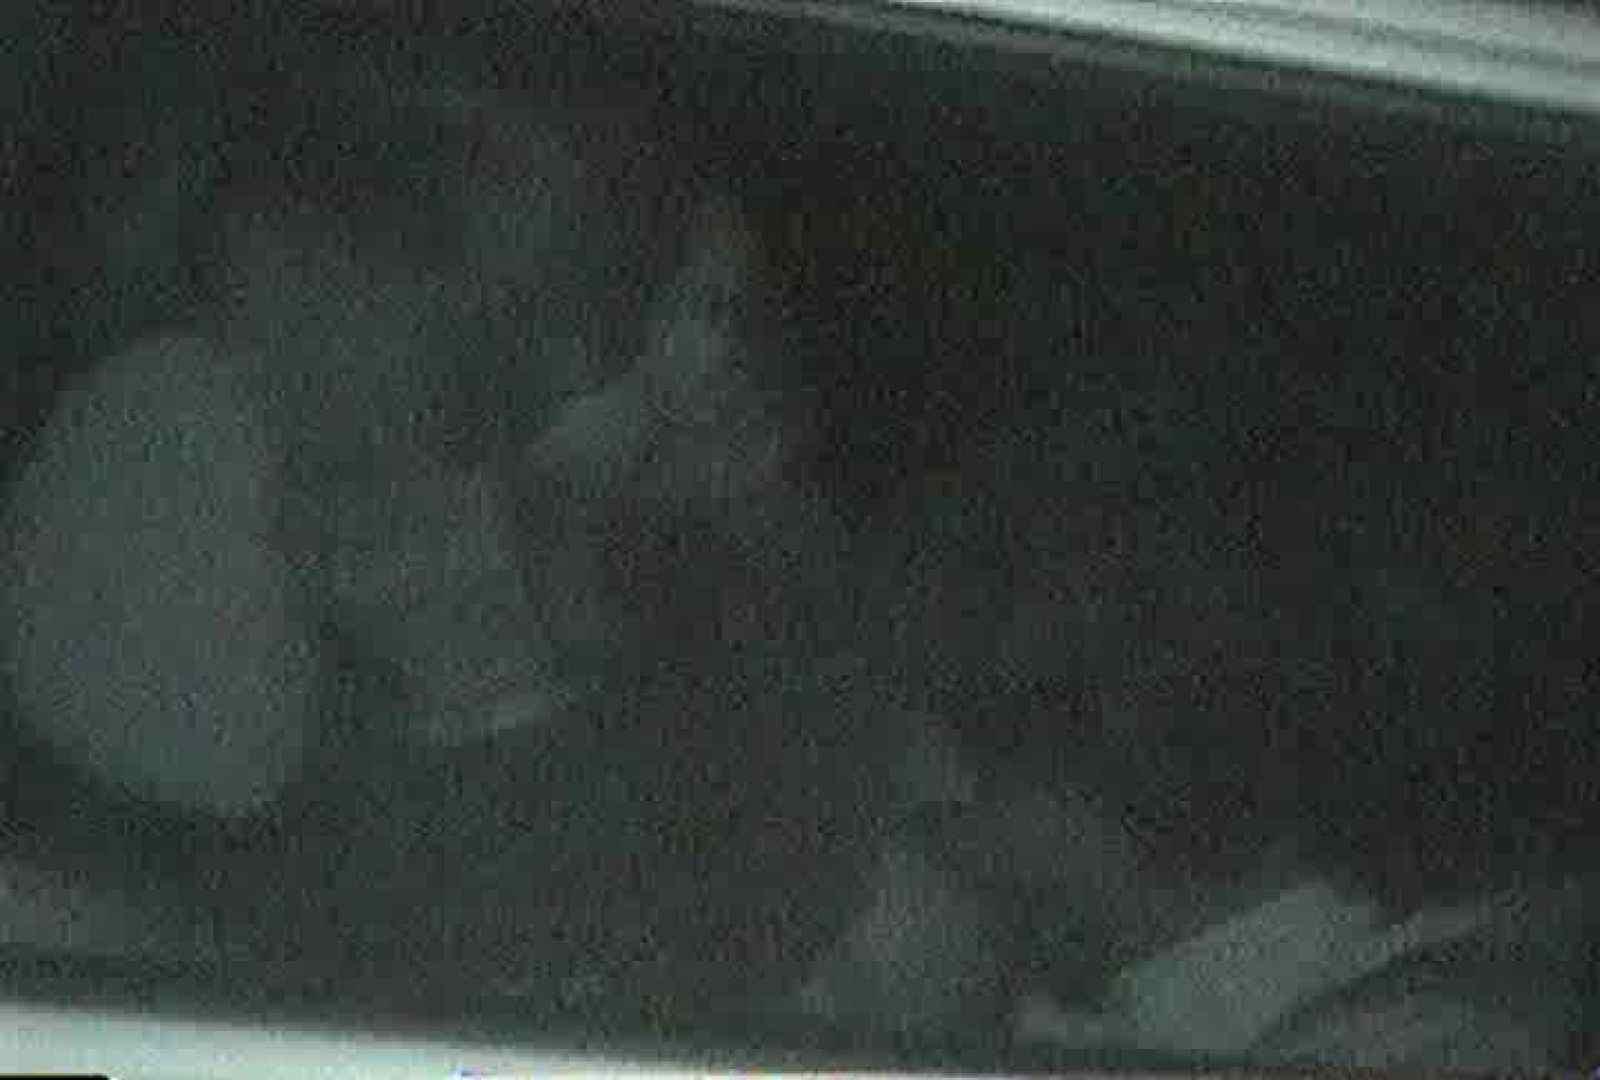 充血監督の深夜の運動会Vol.112 覗き | 素人エロ画像  83PICs 43